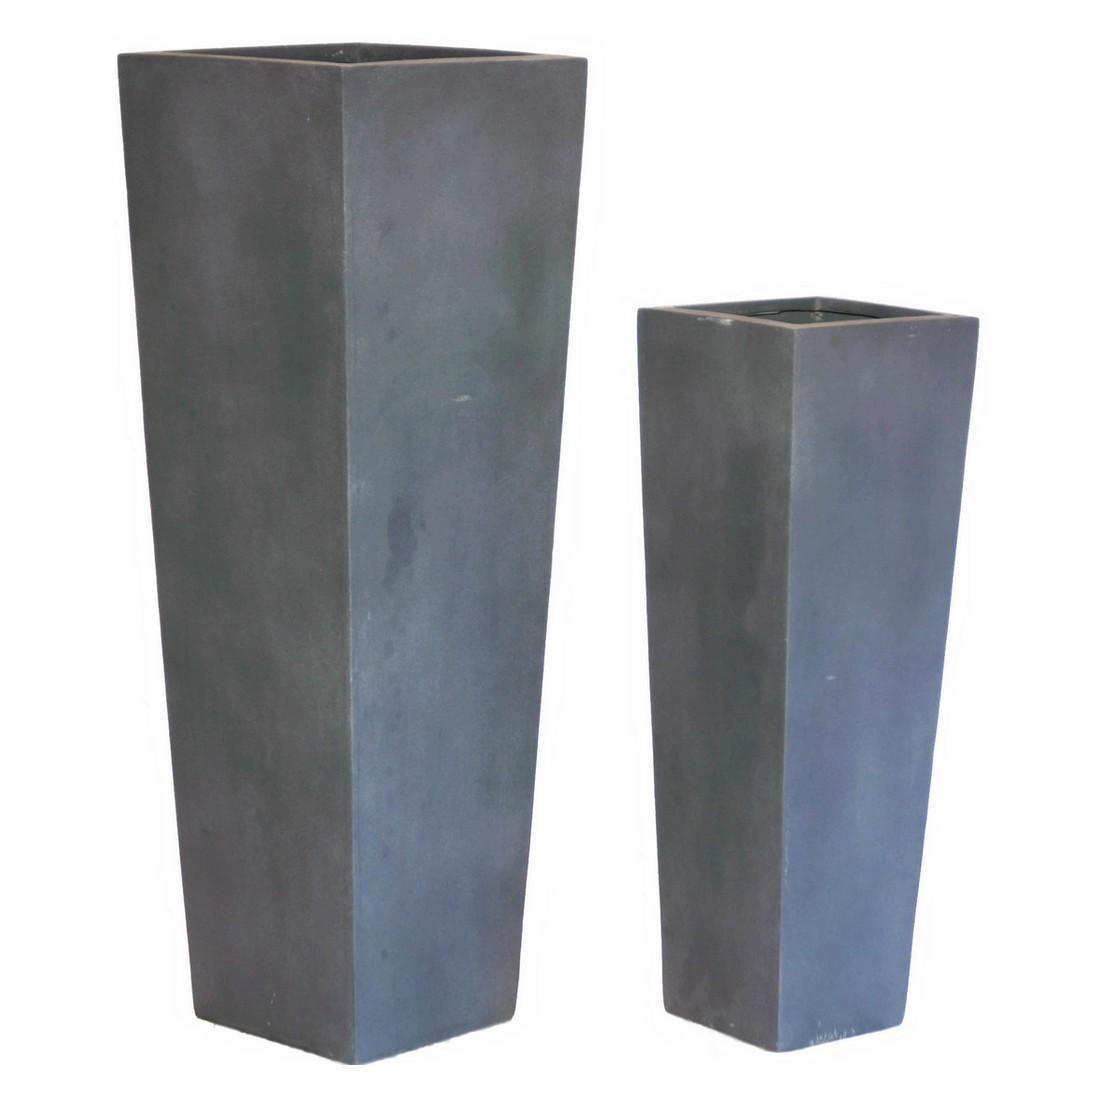 Pflanzkübel ISI Lead – Kunststoff – Classic Eckig – Höhe: 90 cm Breit: 30 cm (einzeln), Viducci's Garden jetzt kaufen